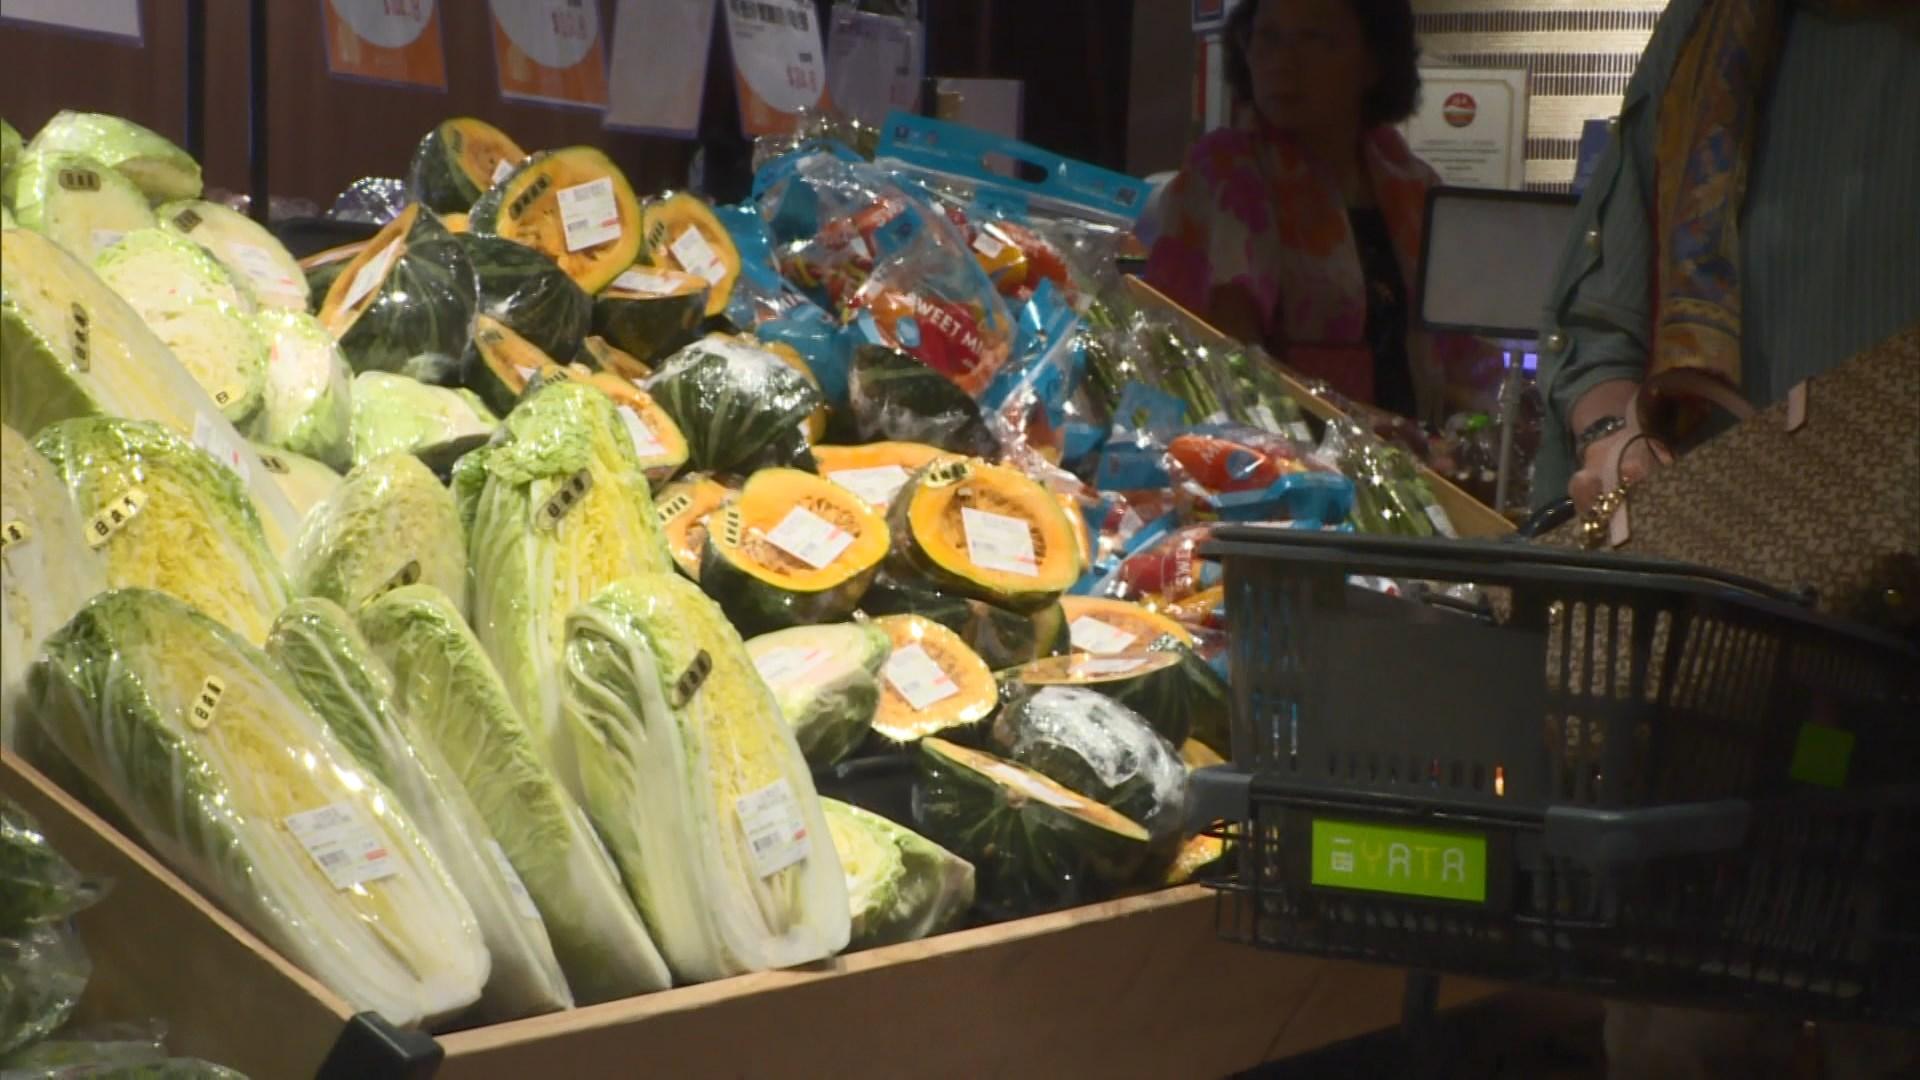 綠領行動促超市設無塑商品區減濫用包裝